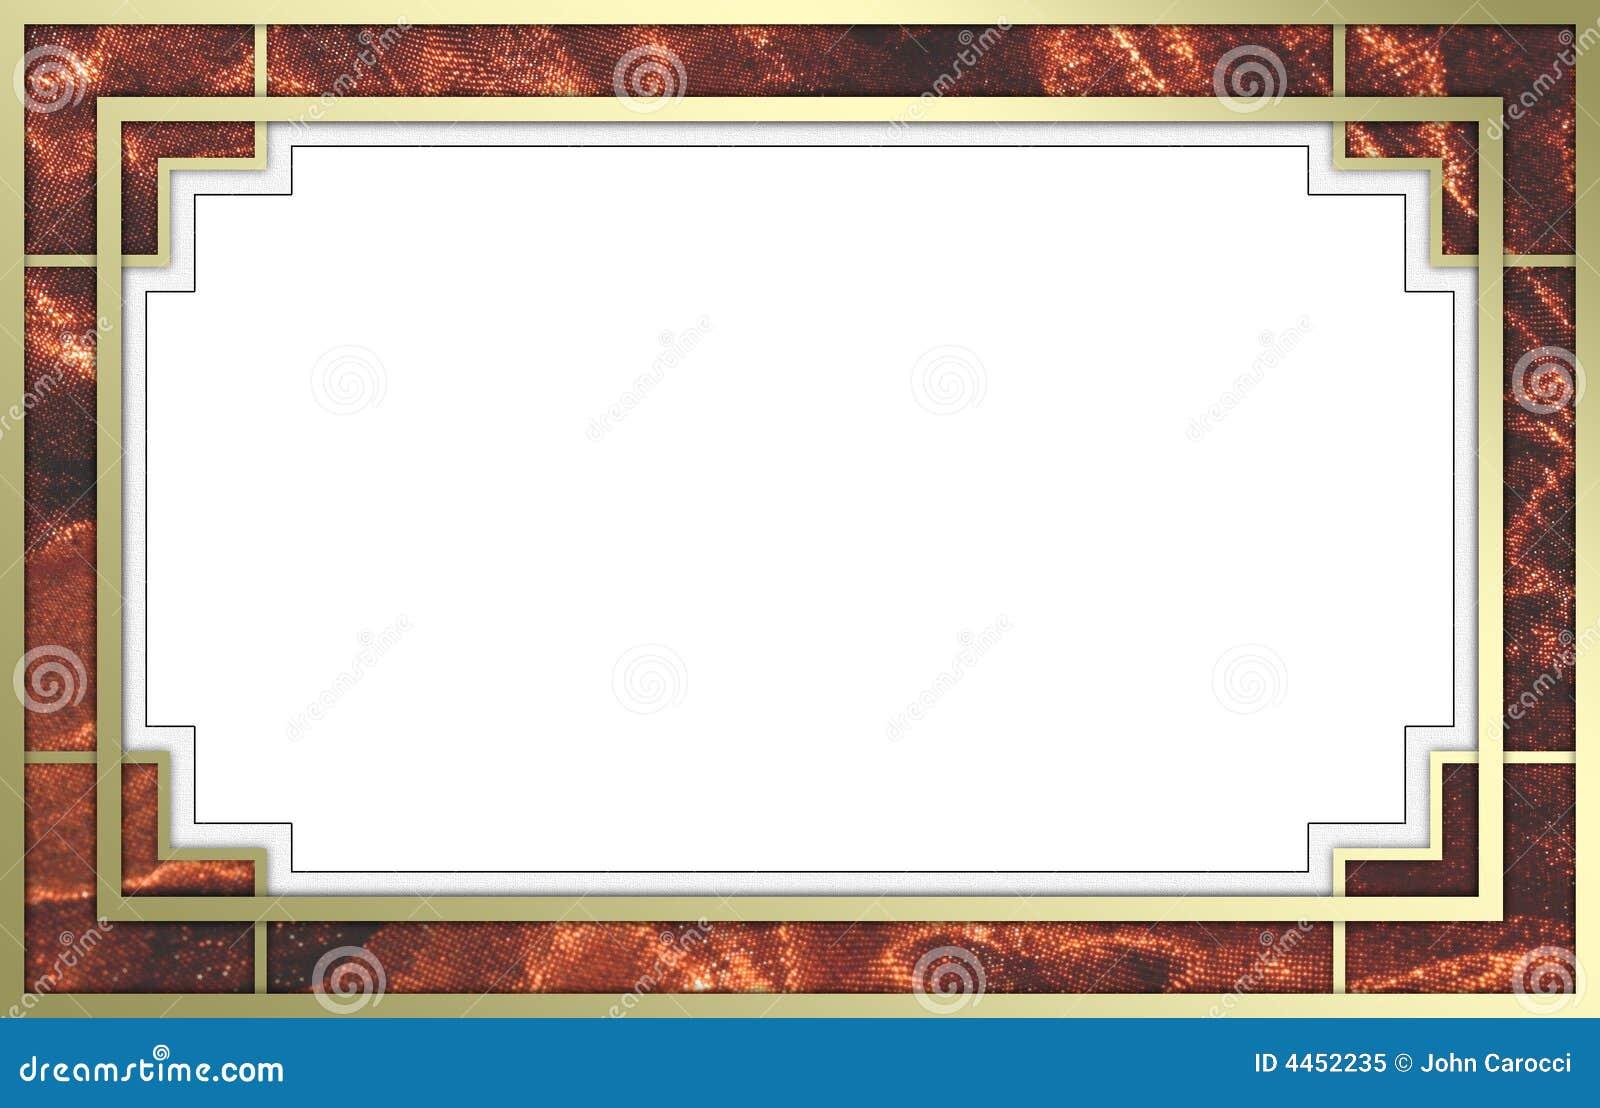 Fantastisches Gold Und Roter Bilderrahmen Stockbild - Bild von ...